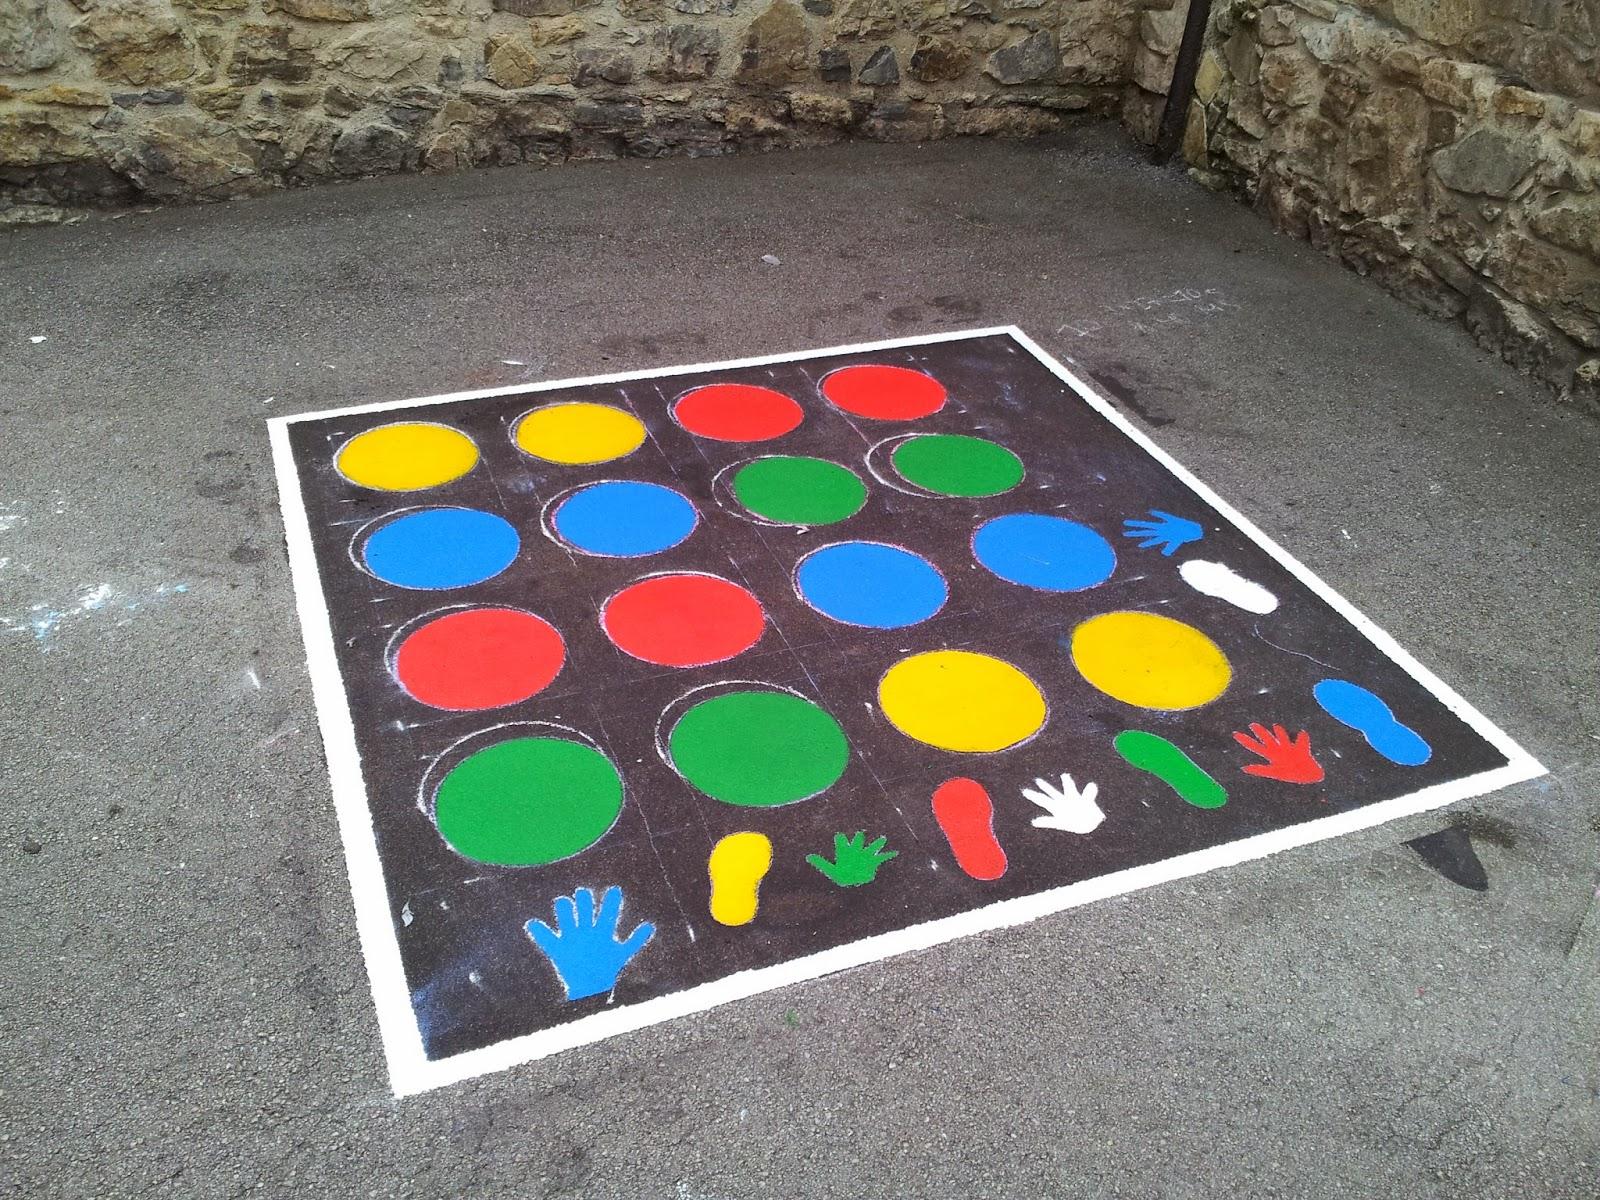 Juegos en el patio 4 orientaci n and jar recursos - Orientacion de un piso ...